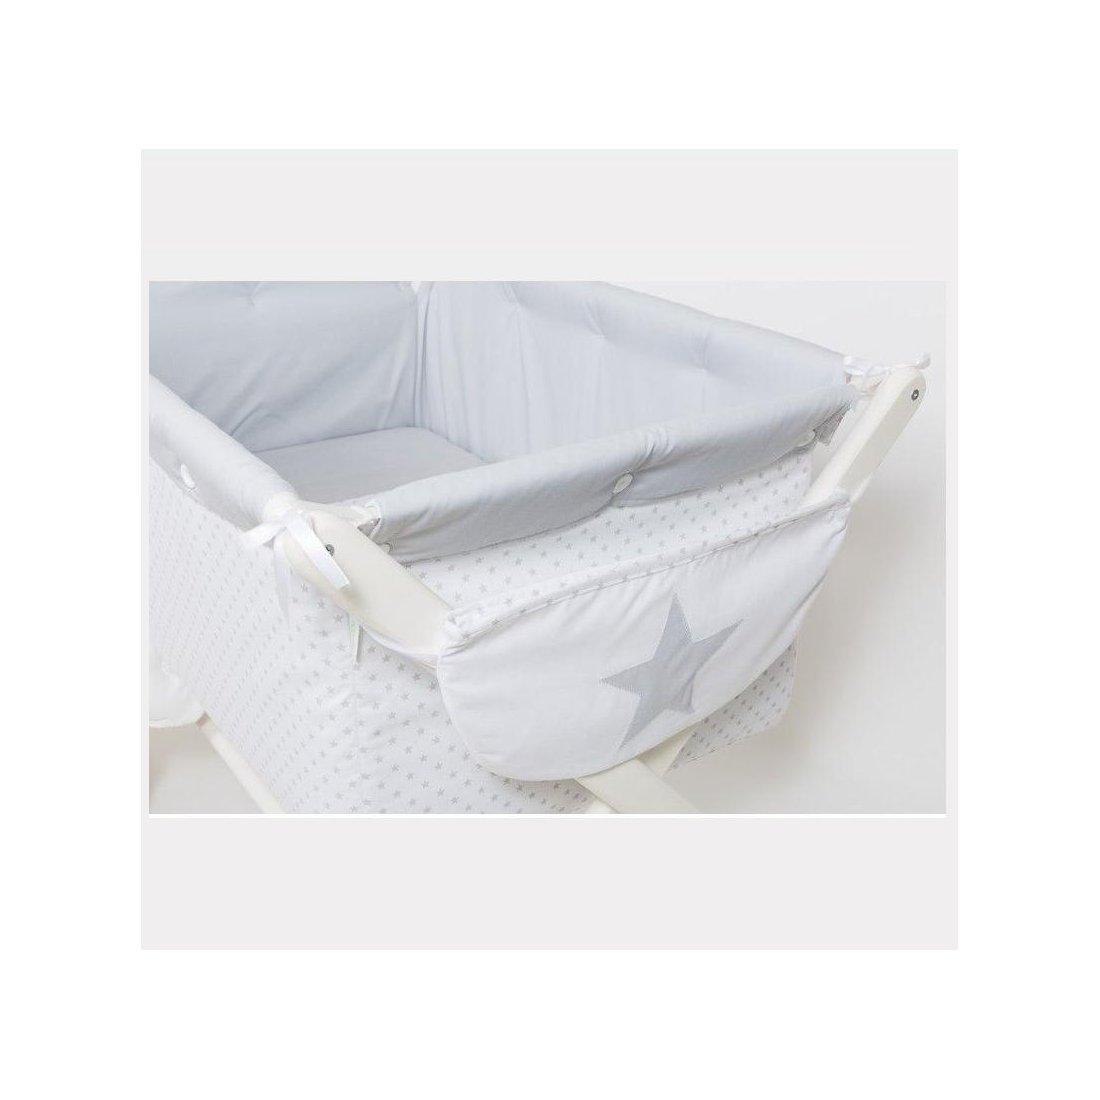 Mini Cuna Con Vestidura Para Bebe Hecha A Mano Tu Bebebox